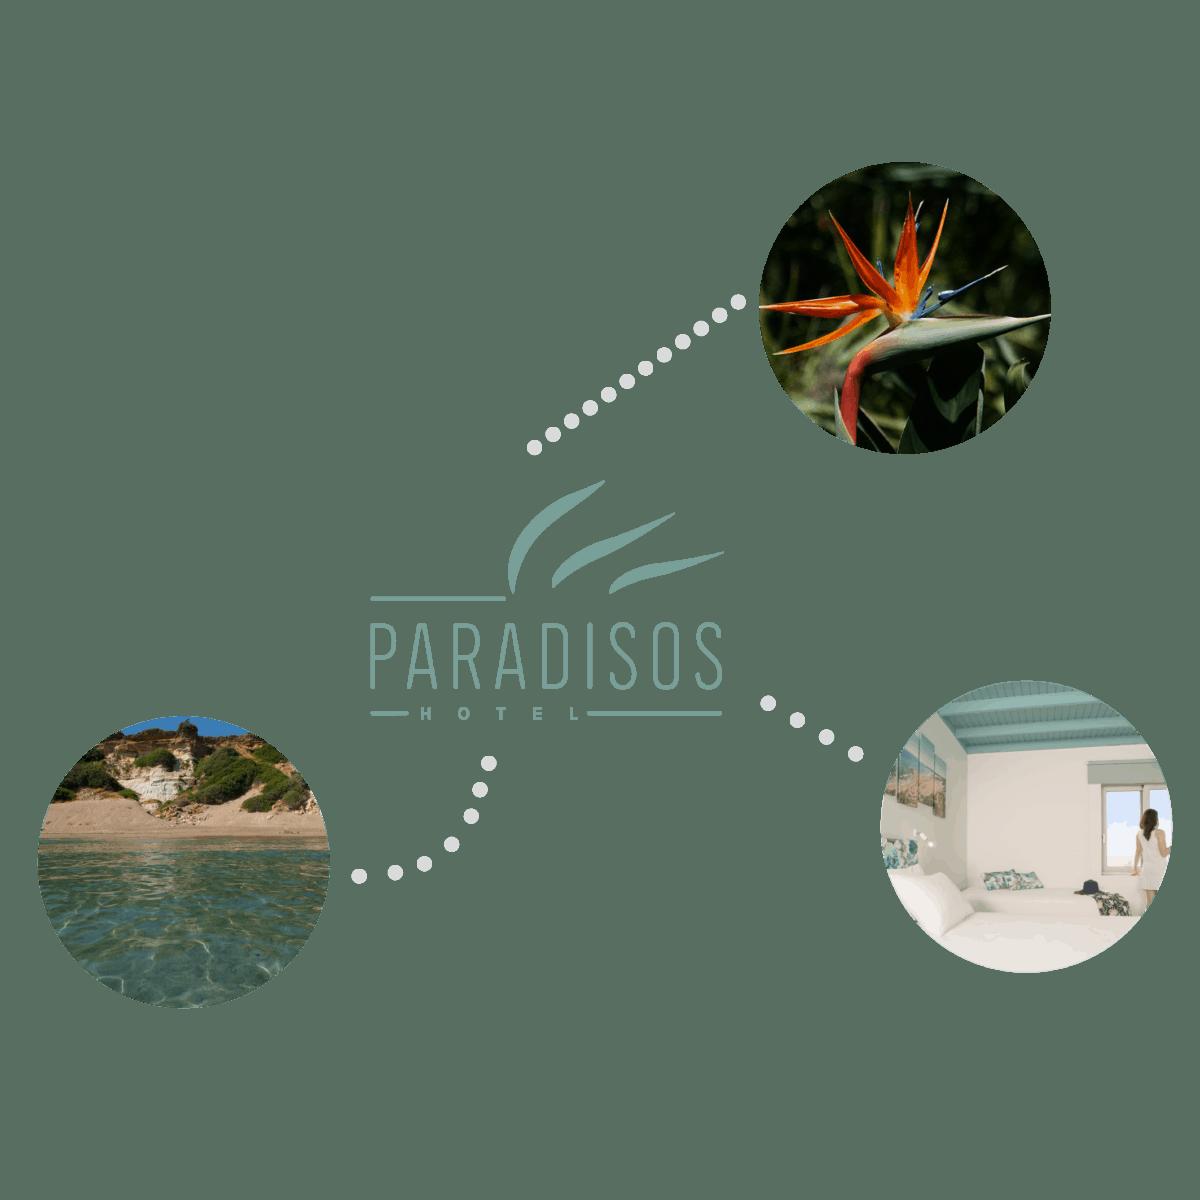 history-logo-paradisos-hotel